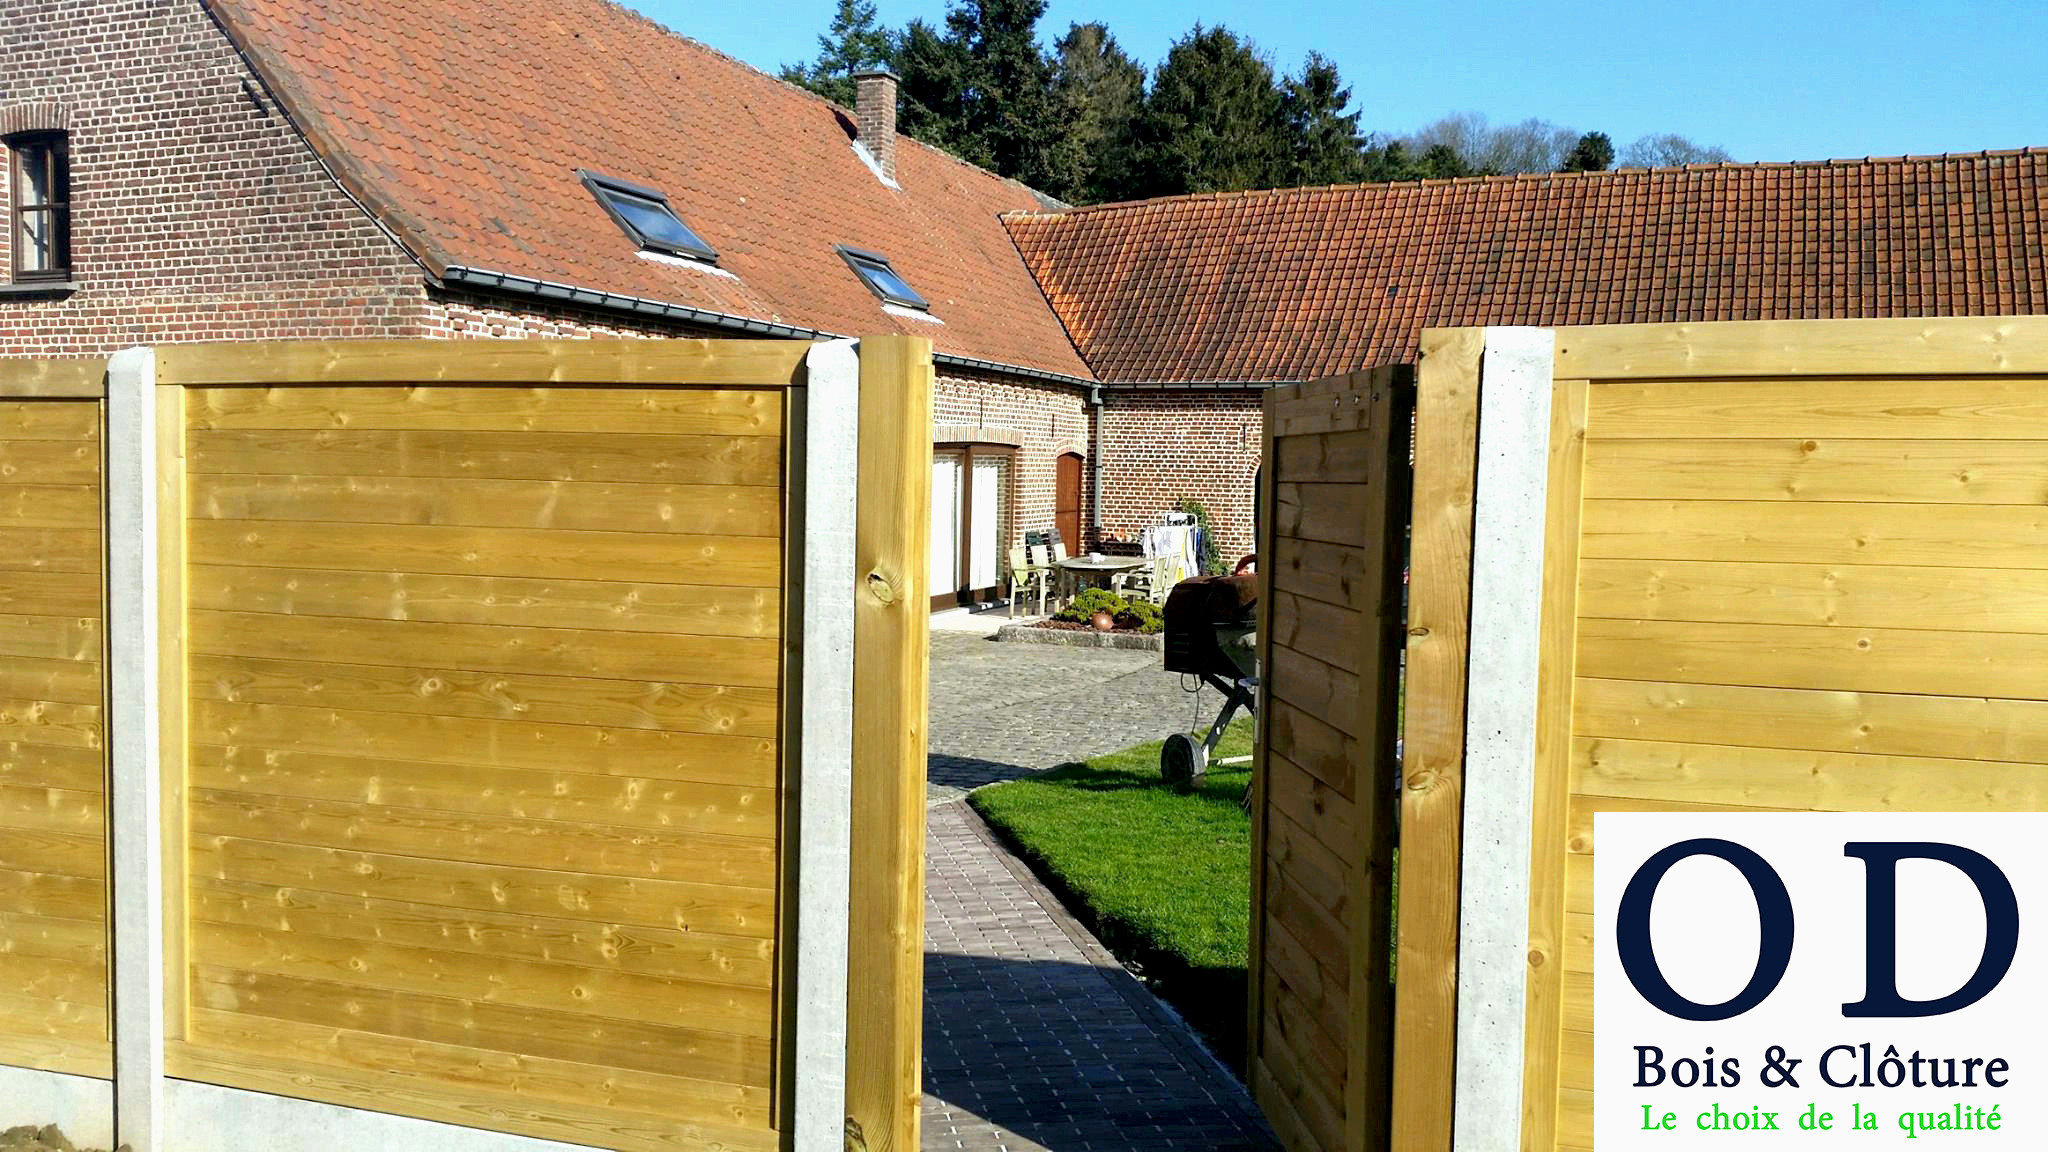 amenager un petit jardin de 50m2 surprenant 14 frais de amenagement petit jardin 40m2 des amenager un petit jardin de 50m2